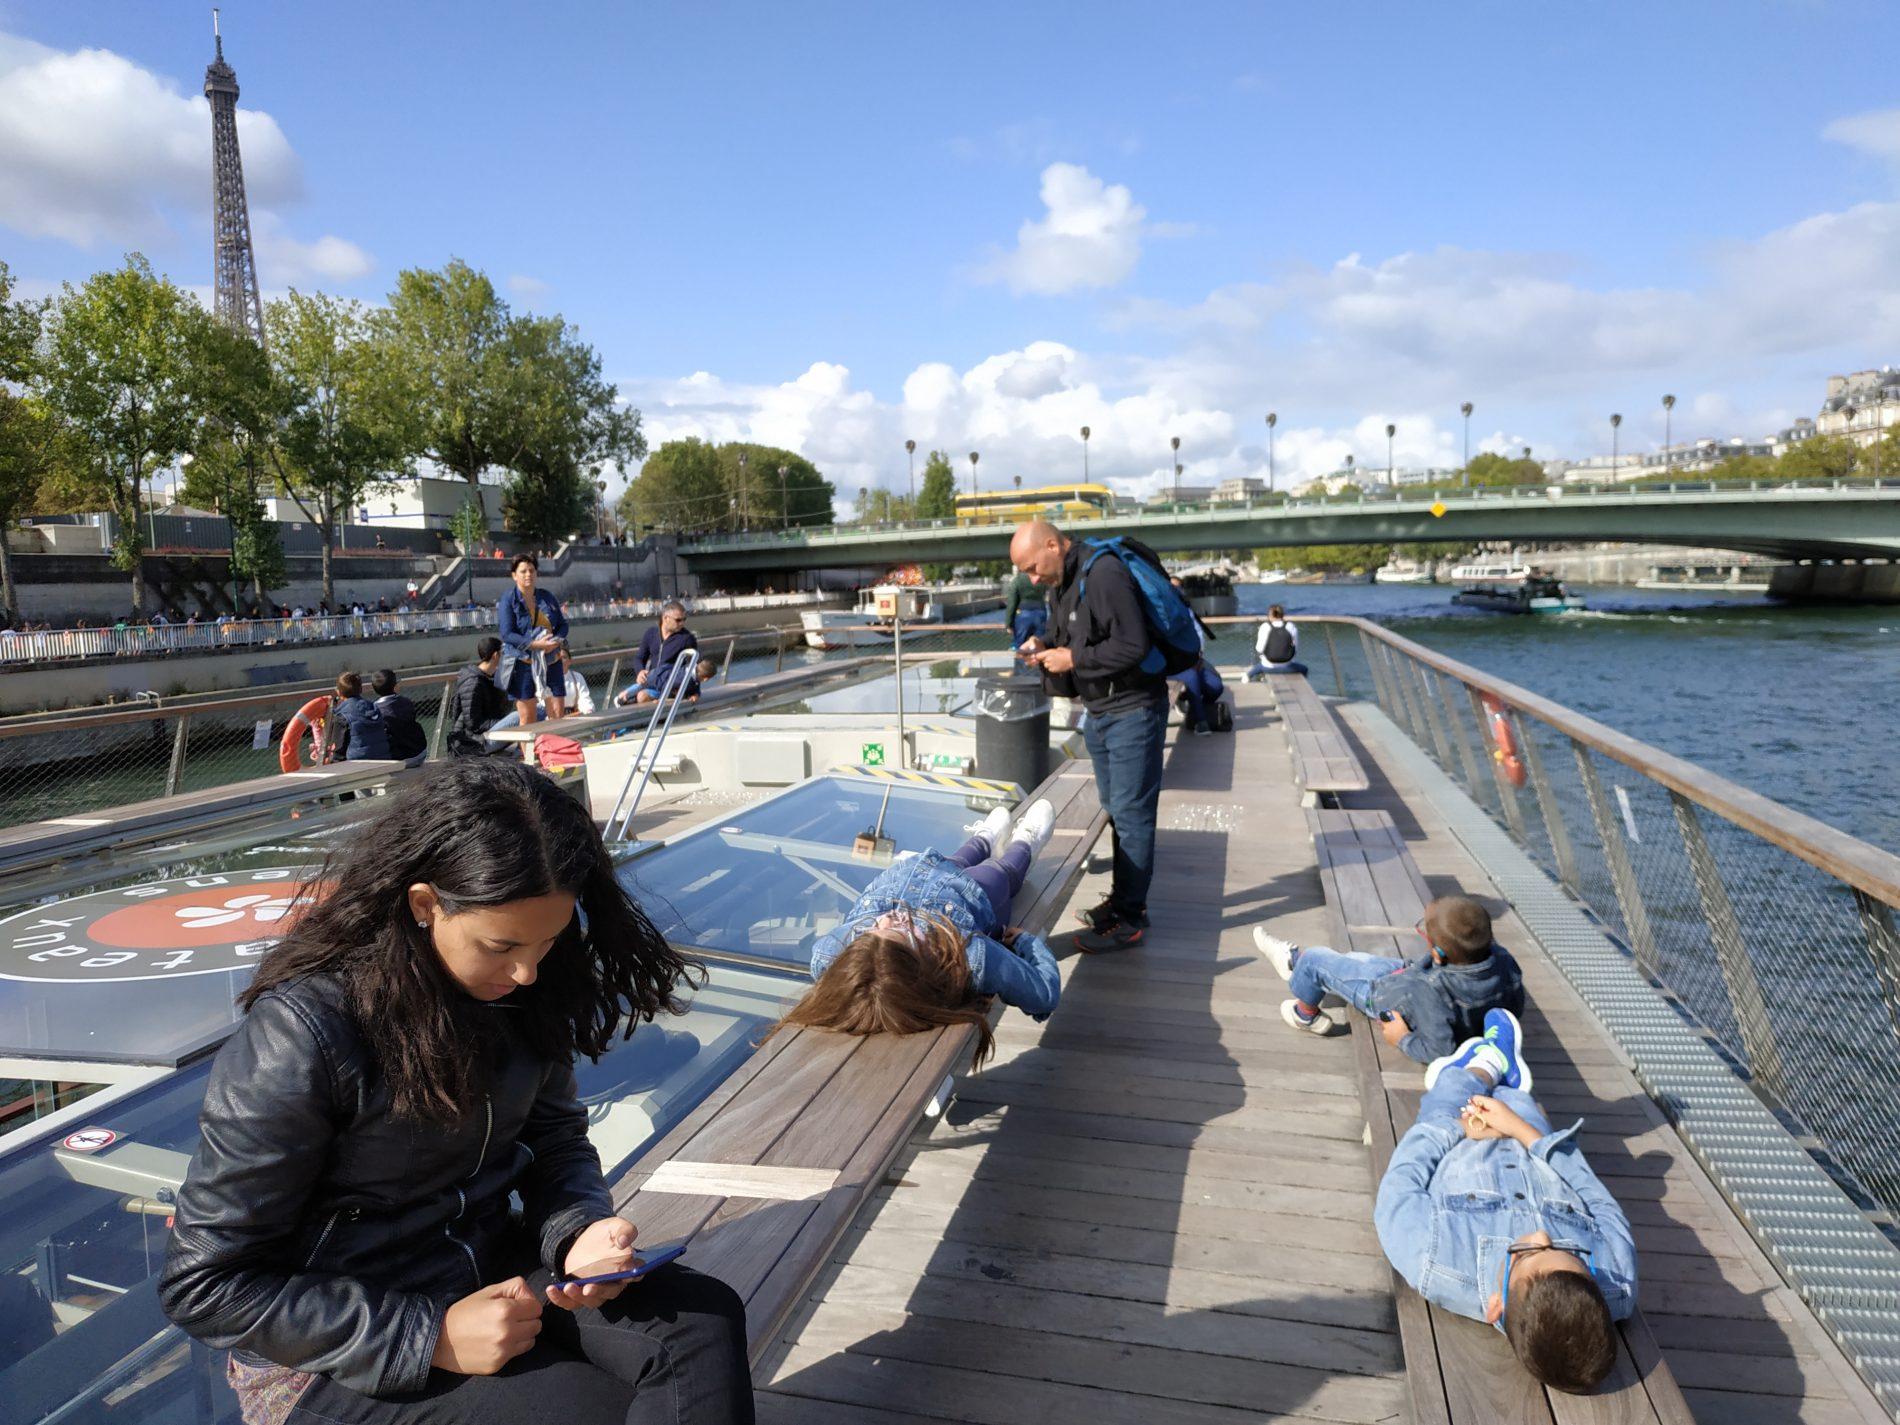 A Parigi con i bambini: i segreti per un soggiorno ...